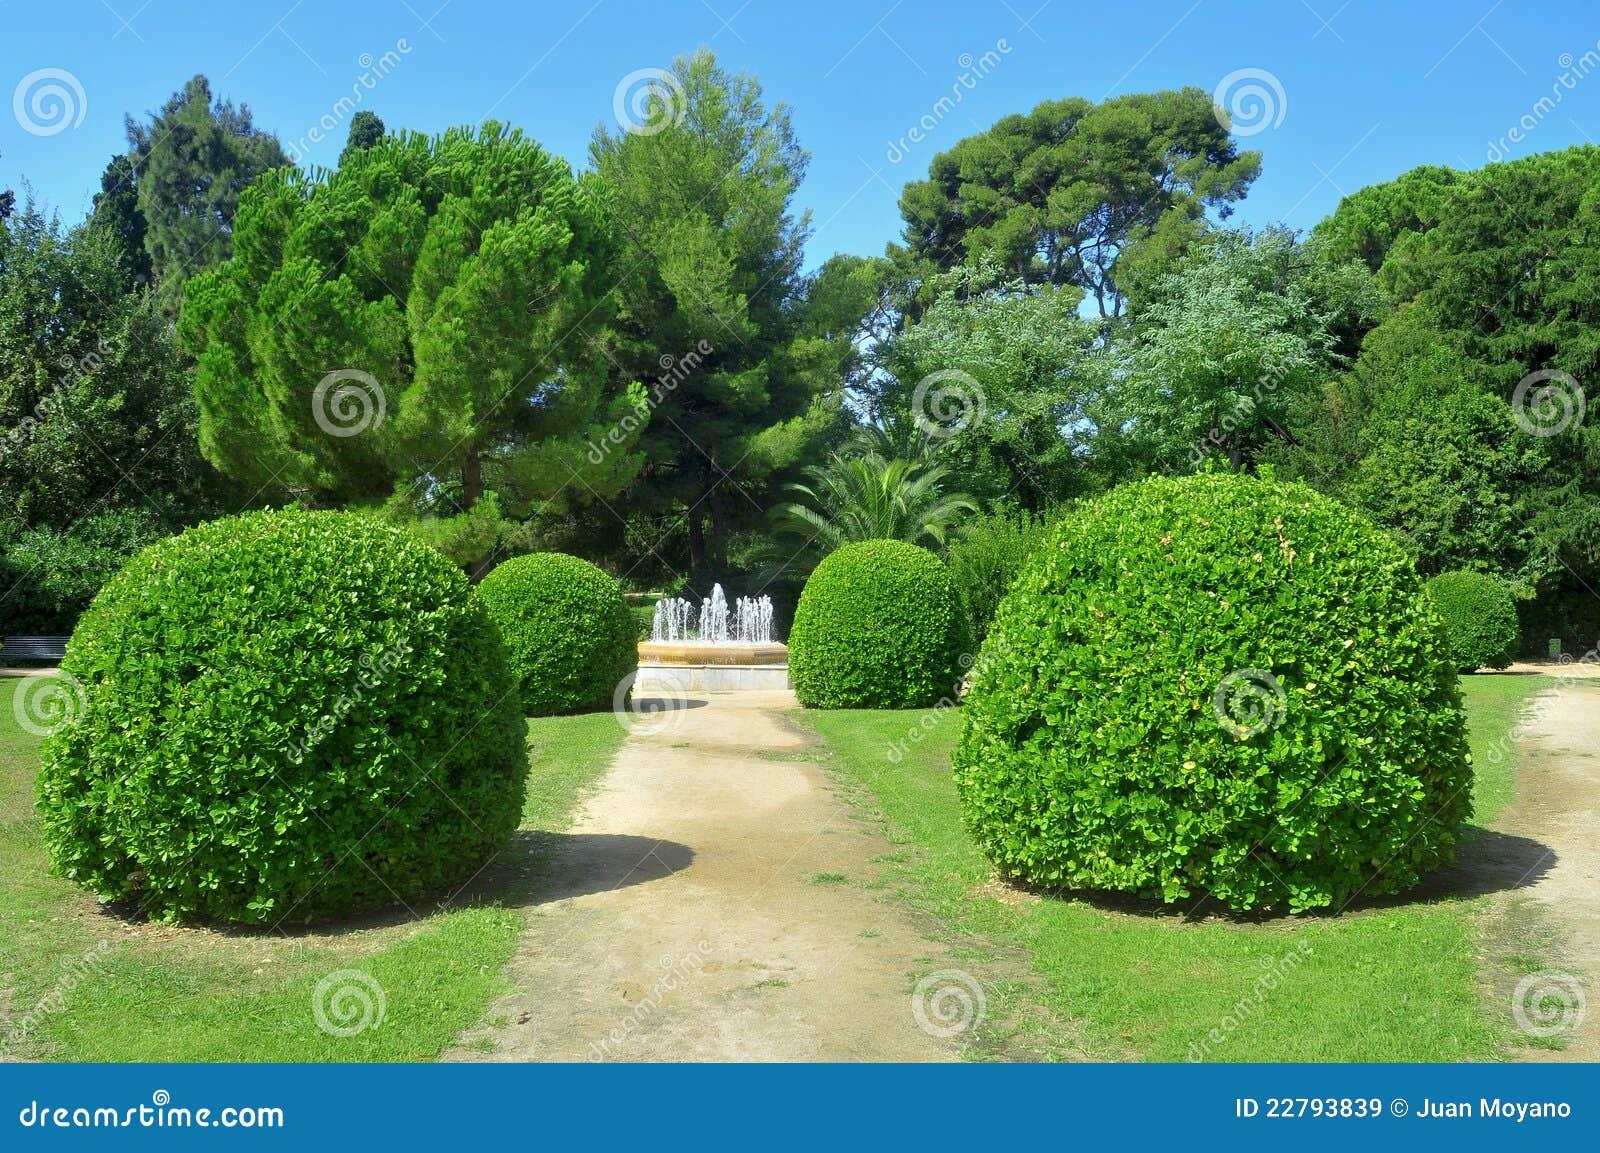 Jardines de palau reial de pedralbes en barcelona imagen for Jardines de barcelona